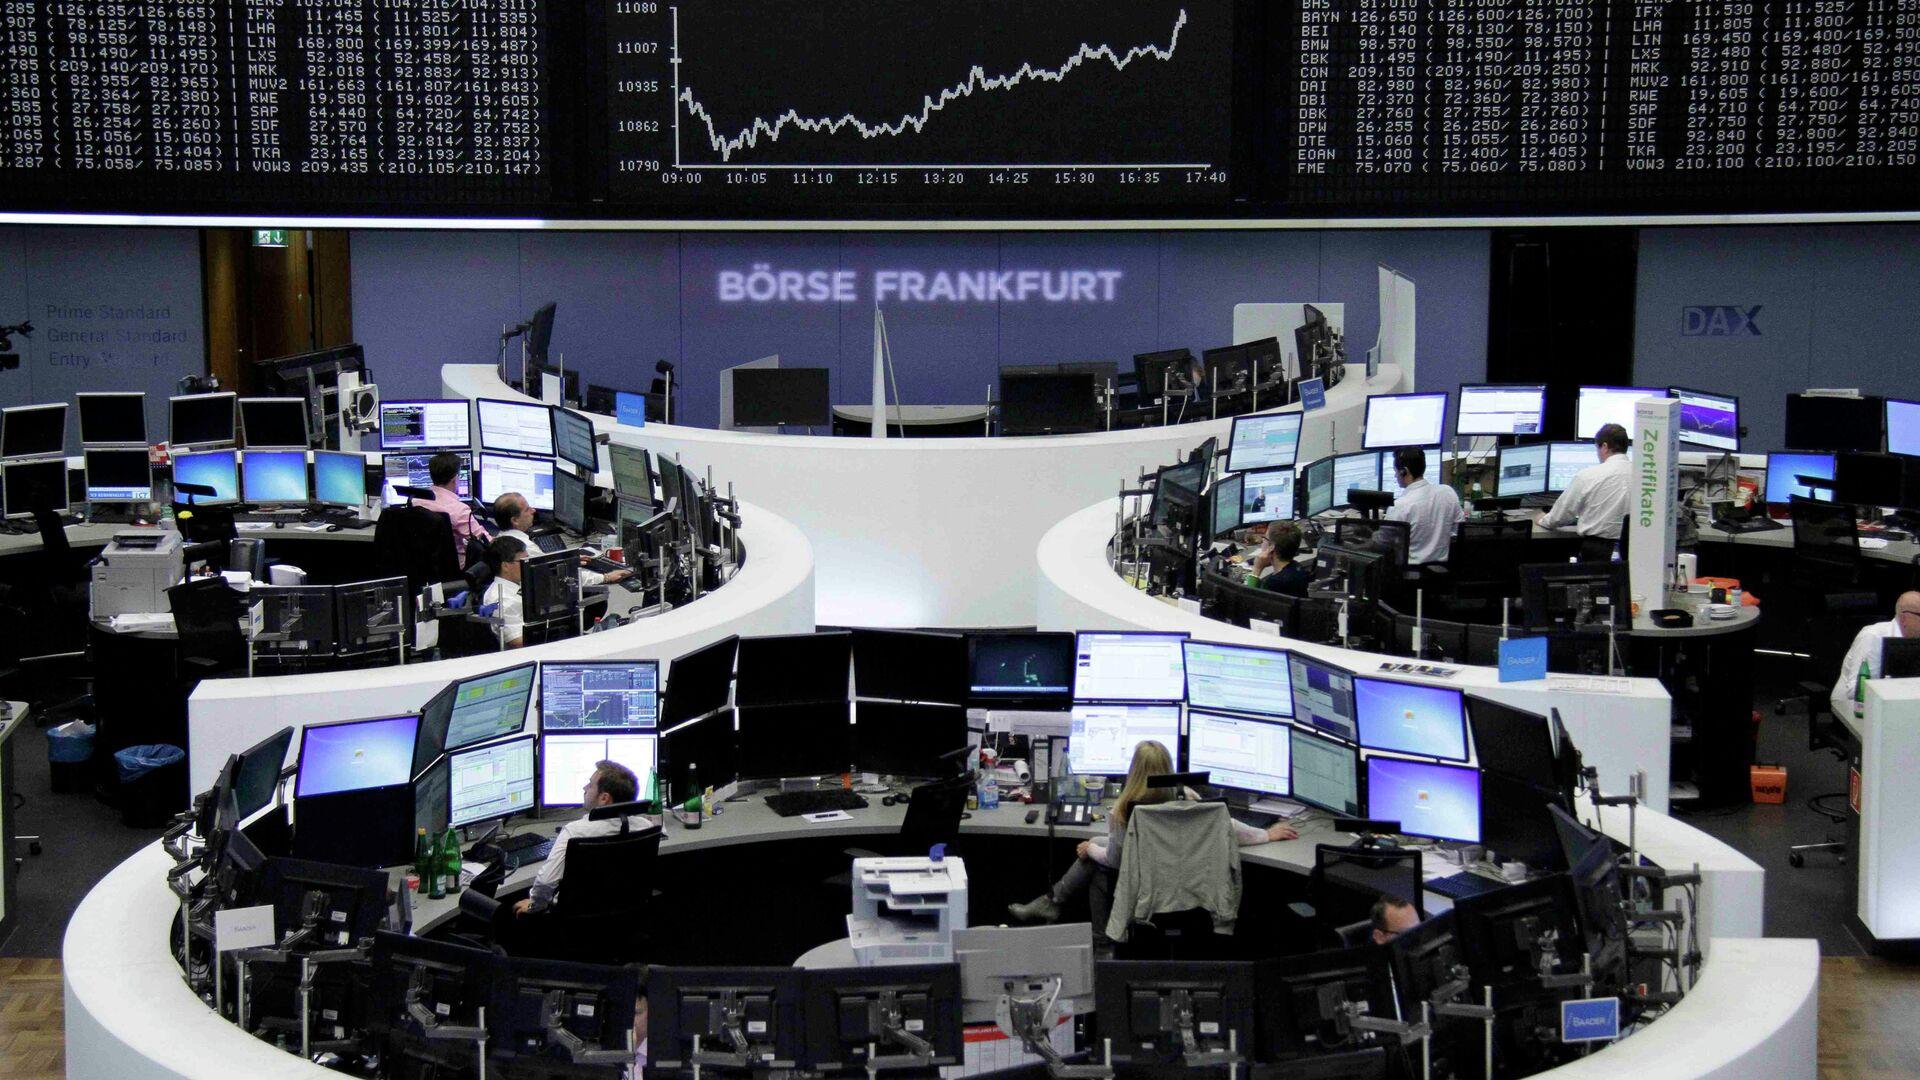 Borse europee preoccupate per l'ipotesi di contagio cinese, con Parigi sotto di due punti percentuale, così come Berlino - Sputnik Italia, 1920, 19.08.2021